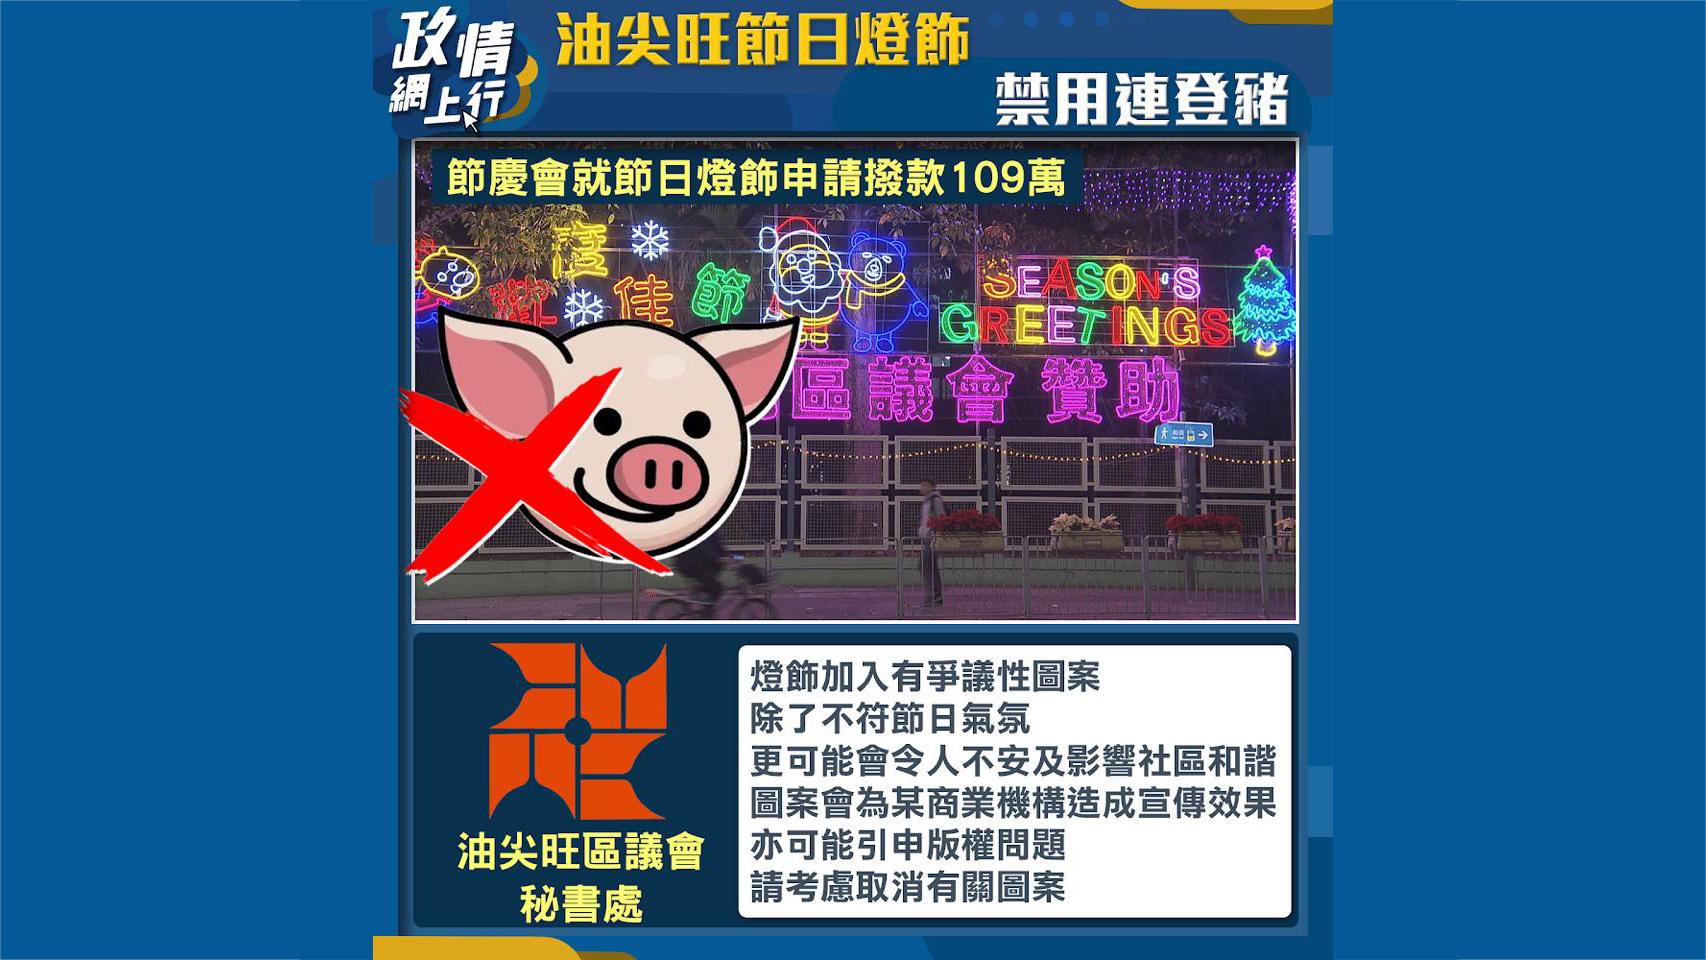 【政情網上行】油尖旺節日燈飾禁用連登豬